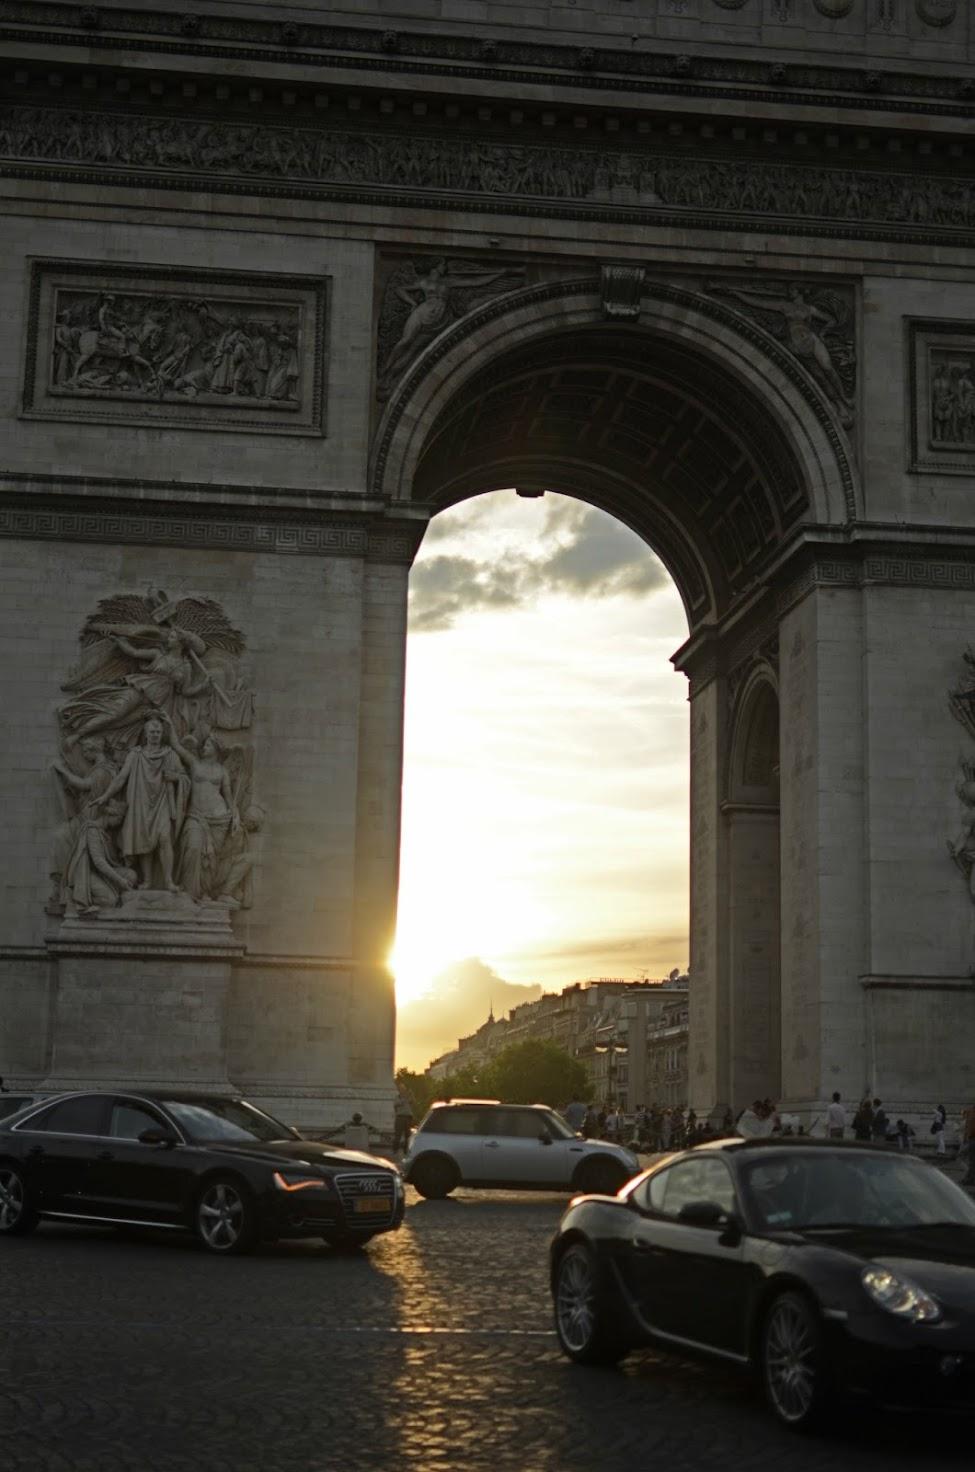 arc de triomphe at sunset in paris